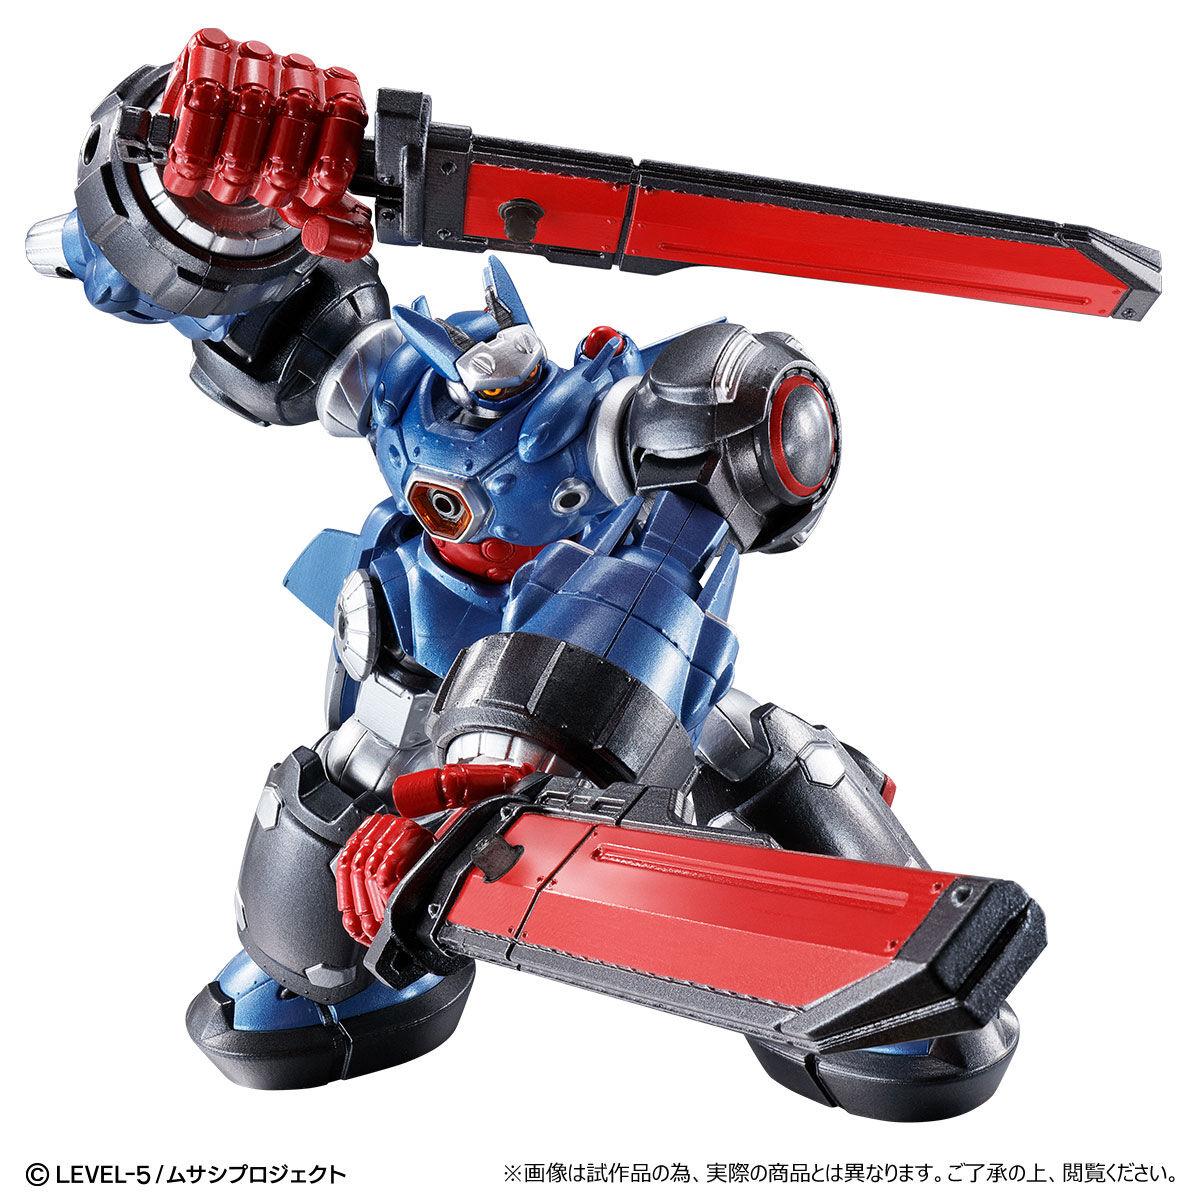 【限定販売】超弩級シリーズ『メガトン級ムサシ』可動フィギュア-006